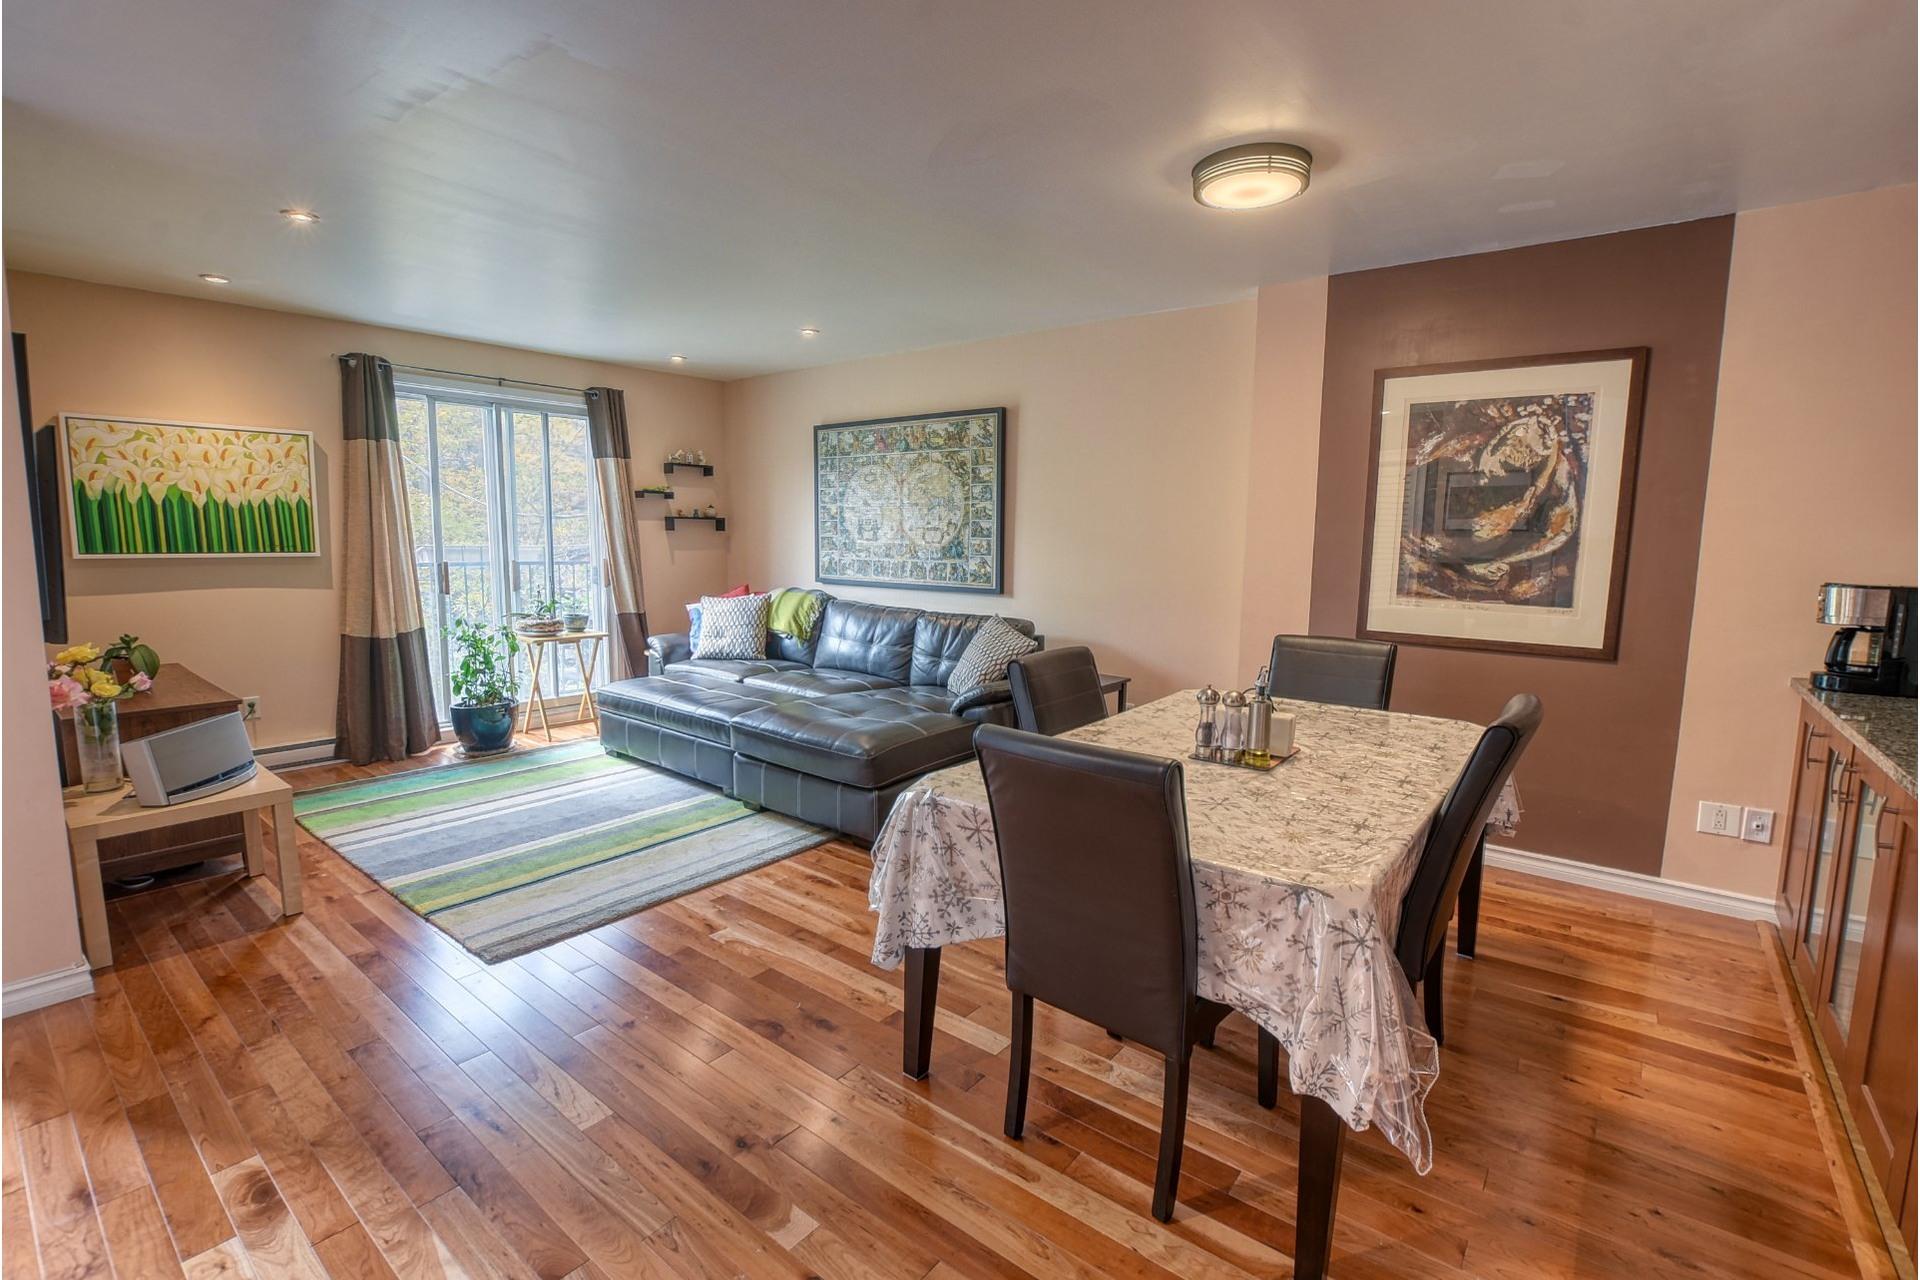 image 5 - Apartment For sale Le Plateau-Mont-Royal Montréal  - 5 rooms